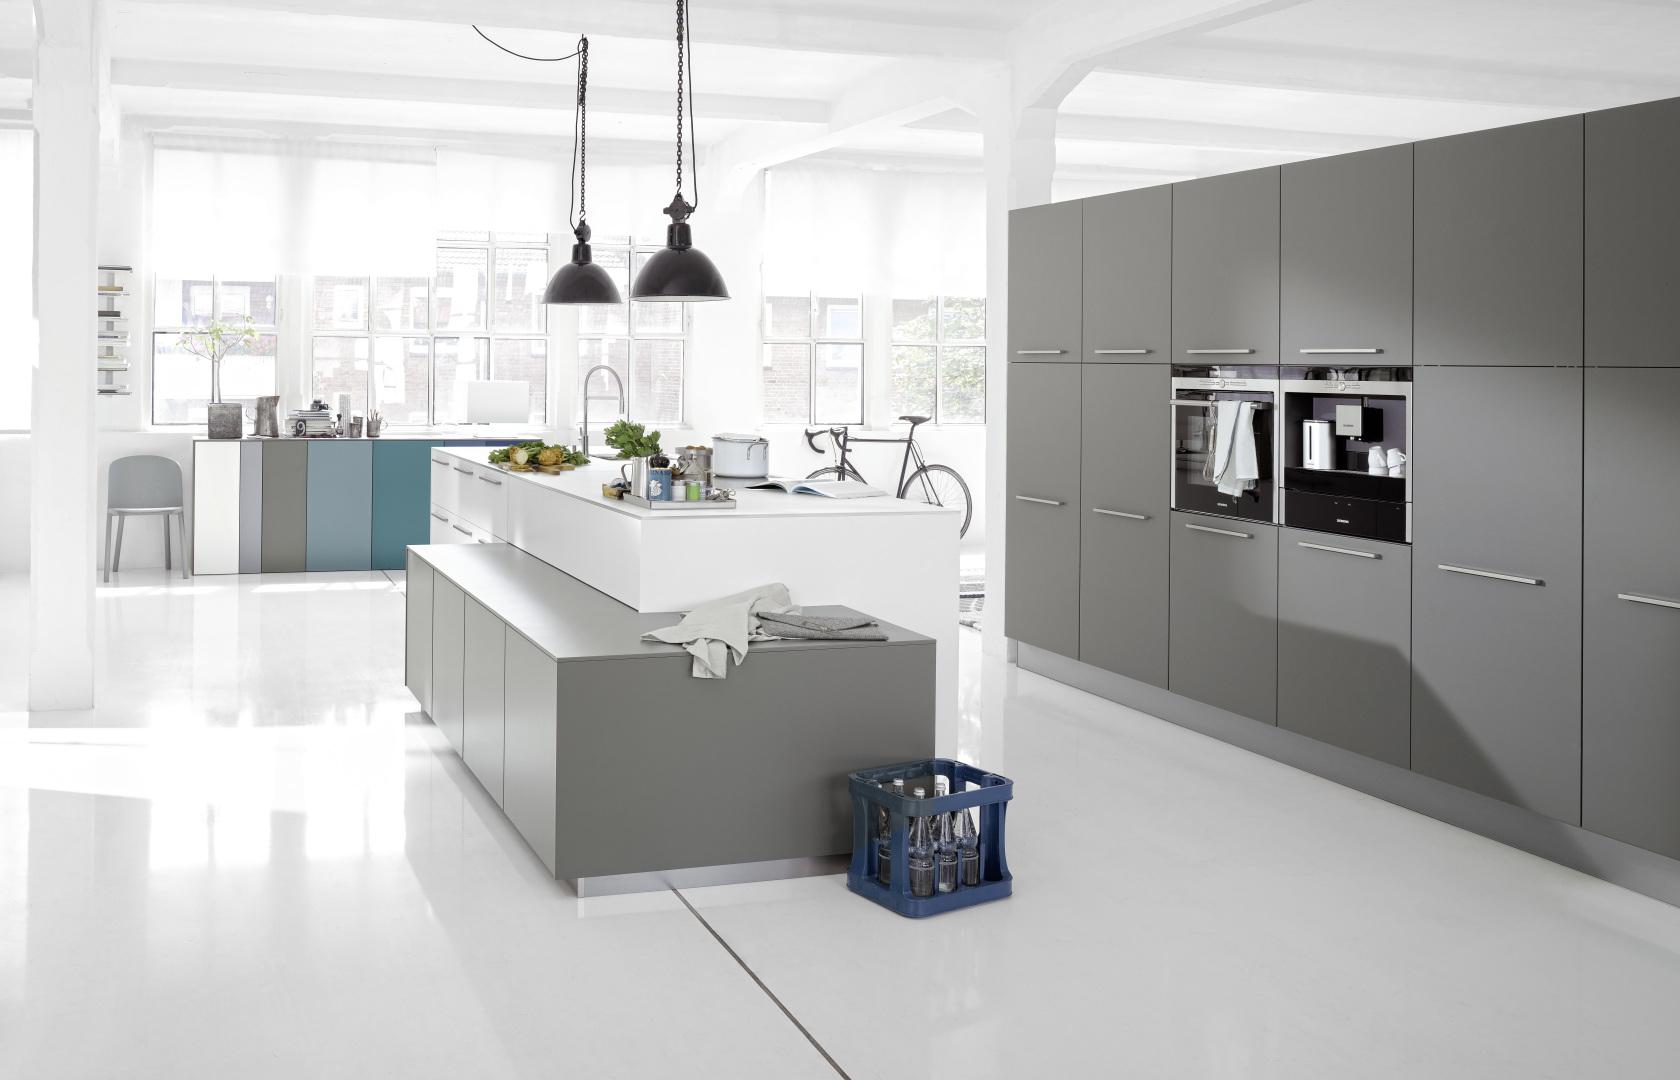 Intérieur cuisine aménagée et équipée lumineuse moderne